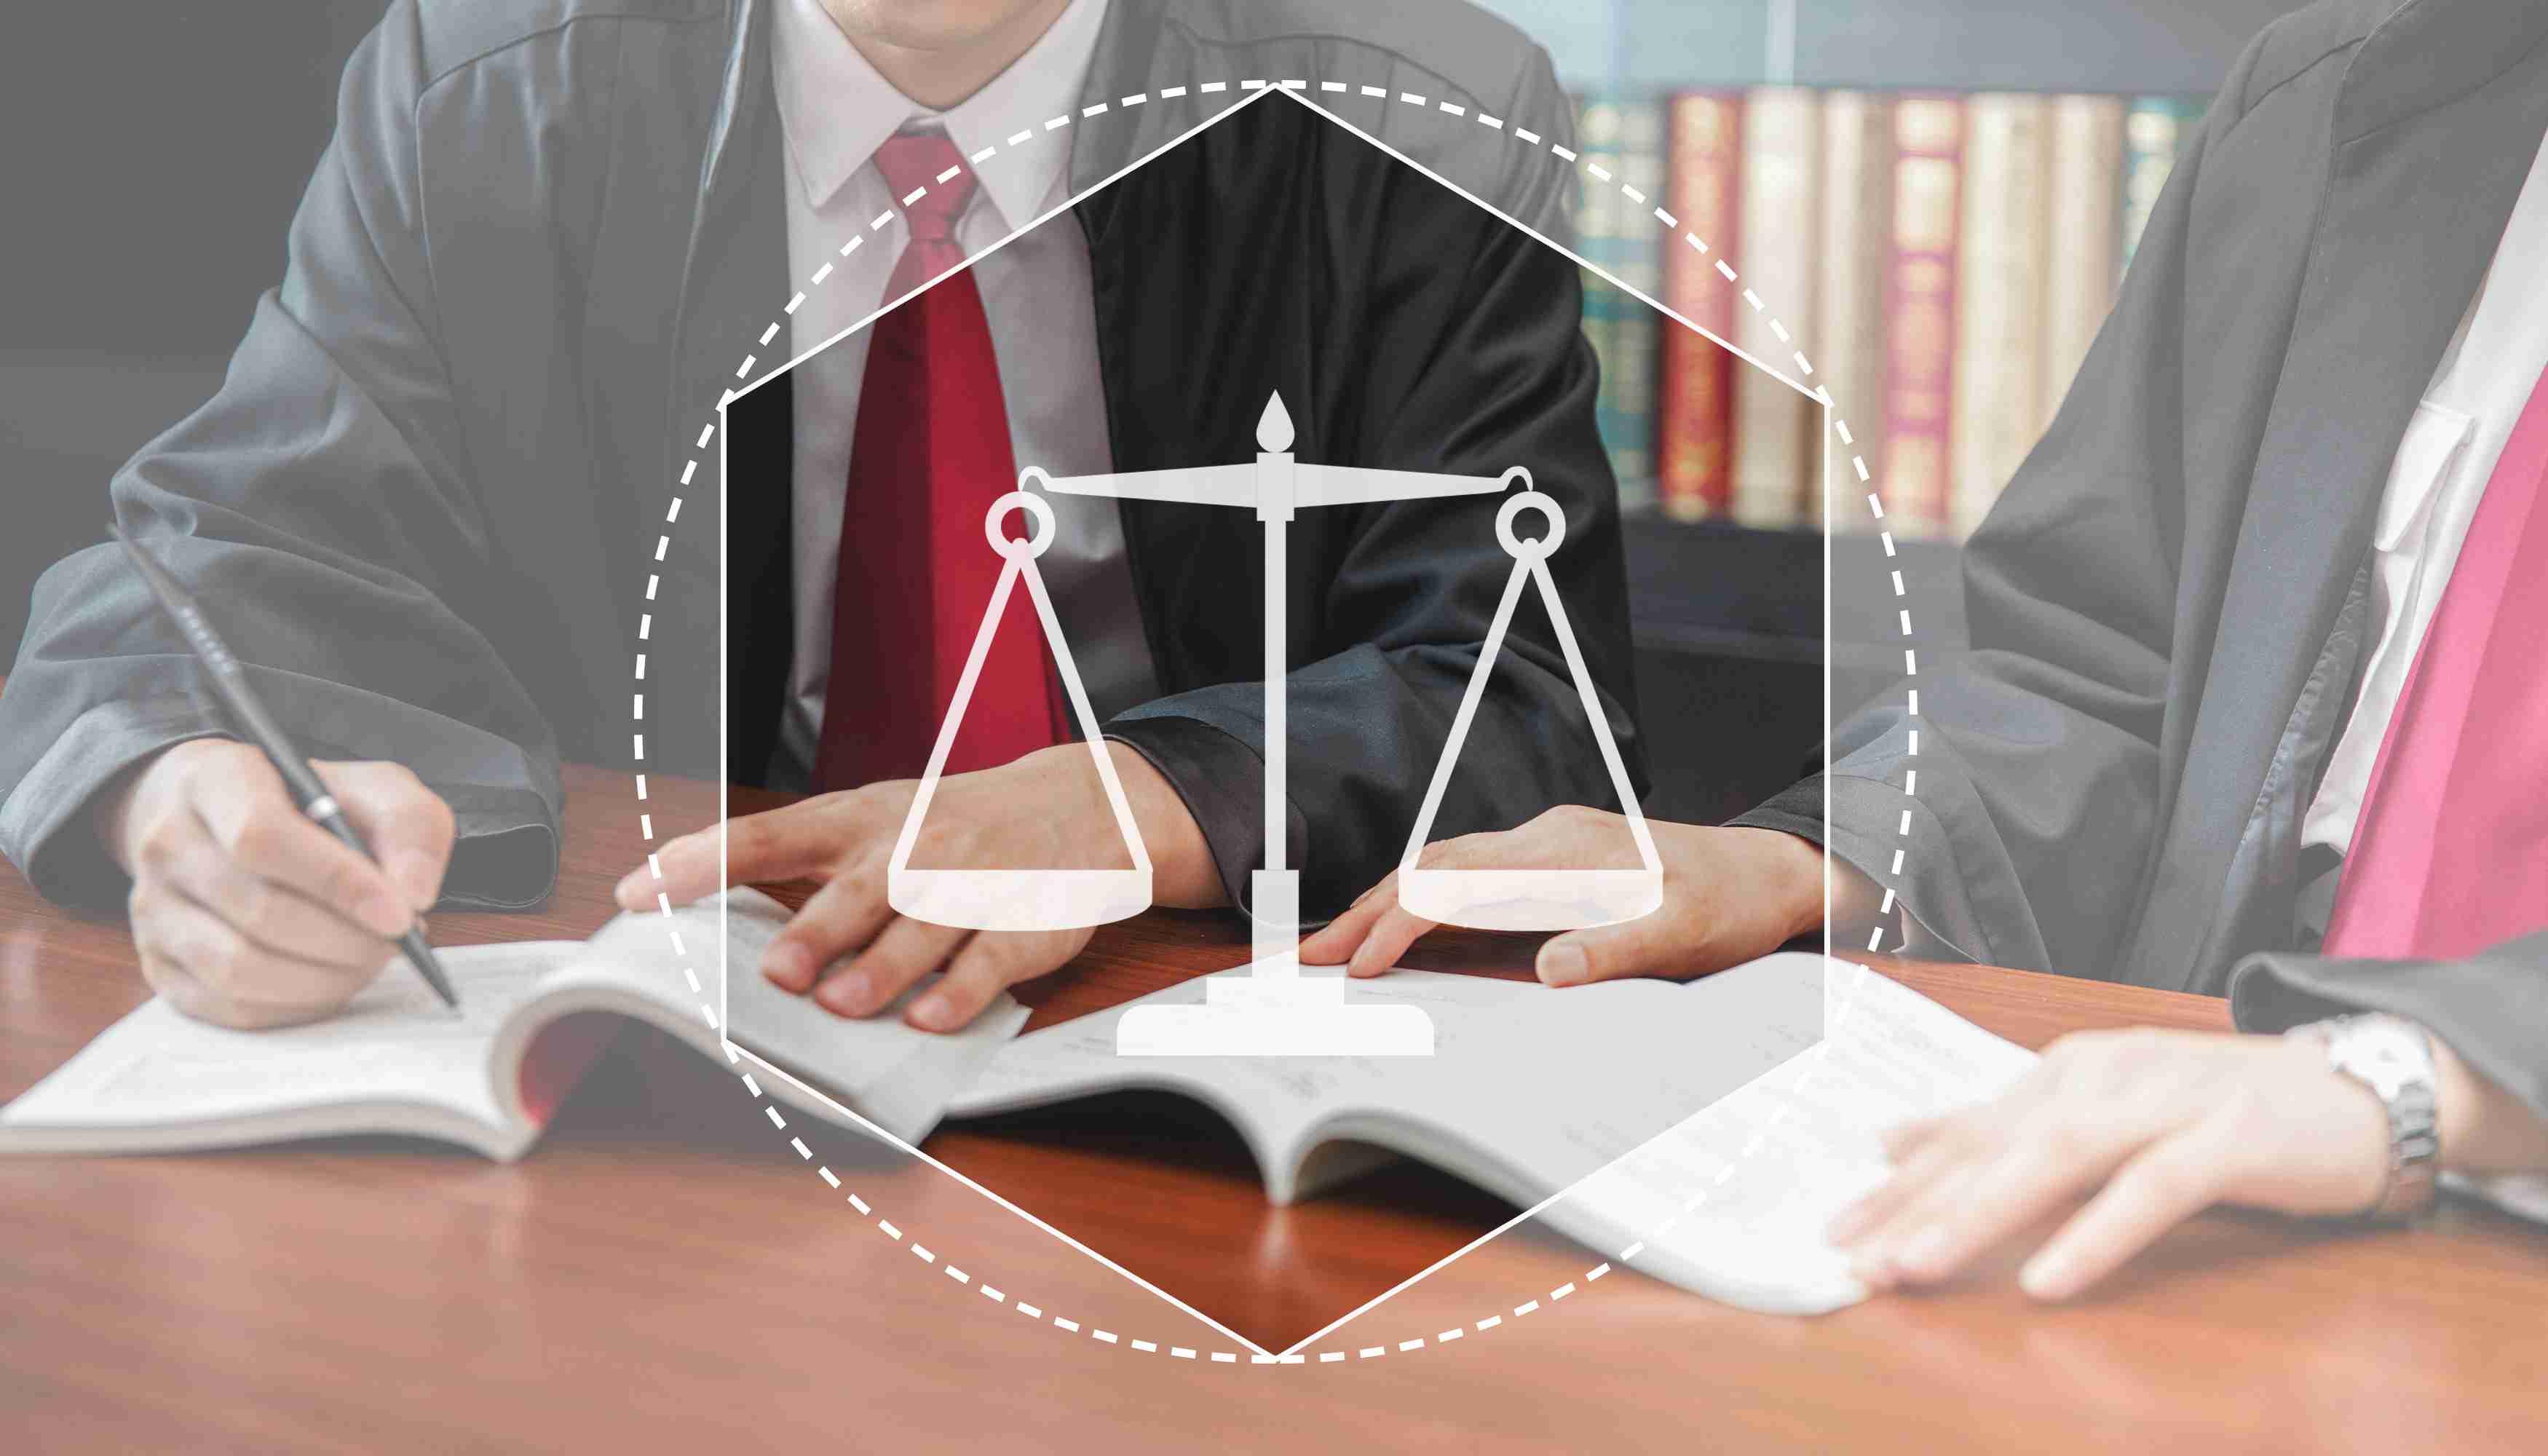 深圳知识产权律师看自动驾驶商业秘密侵权案